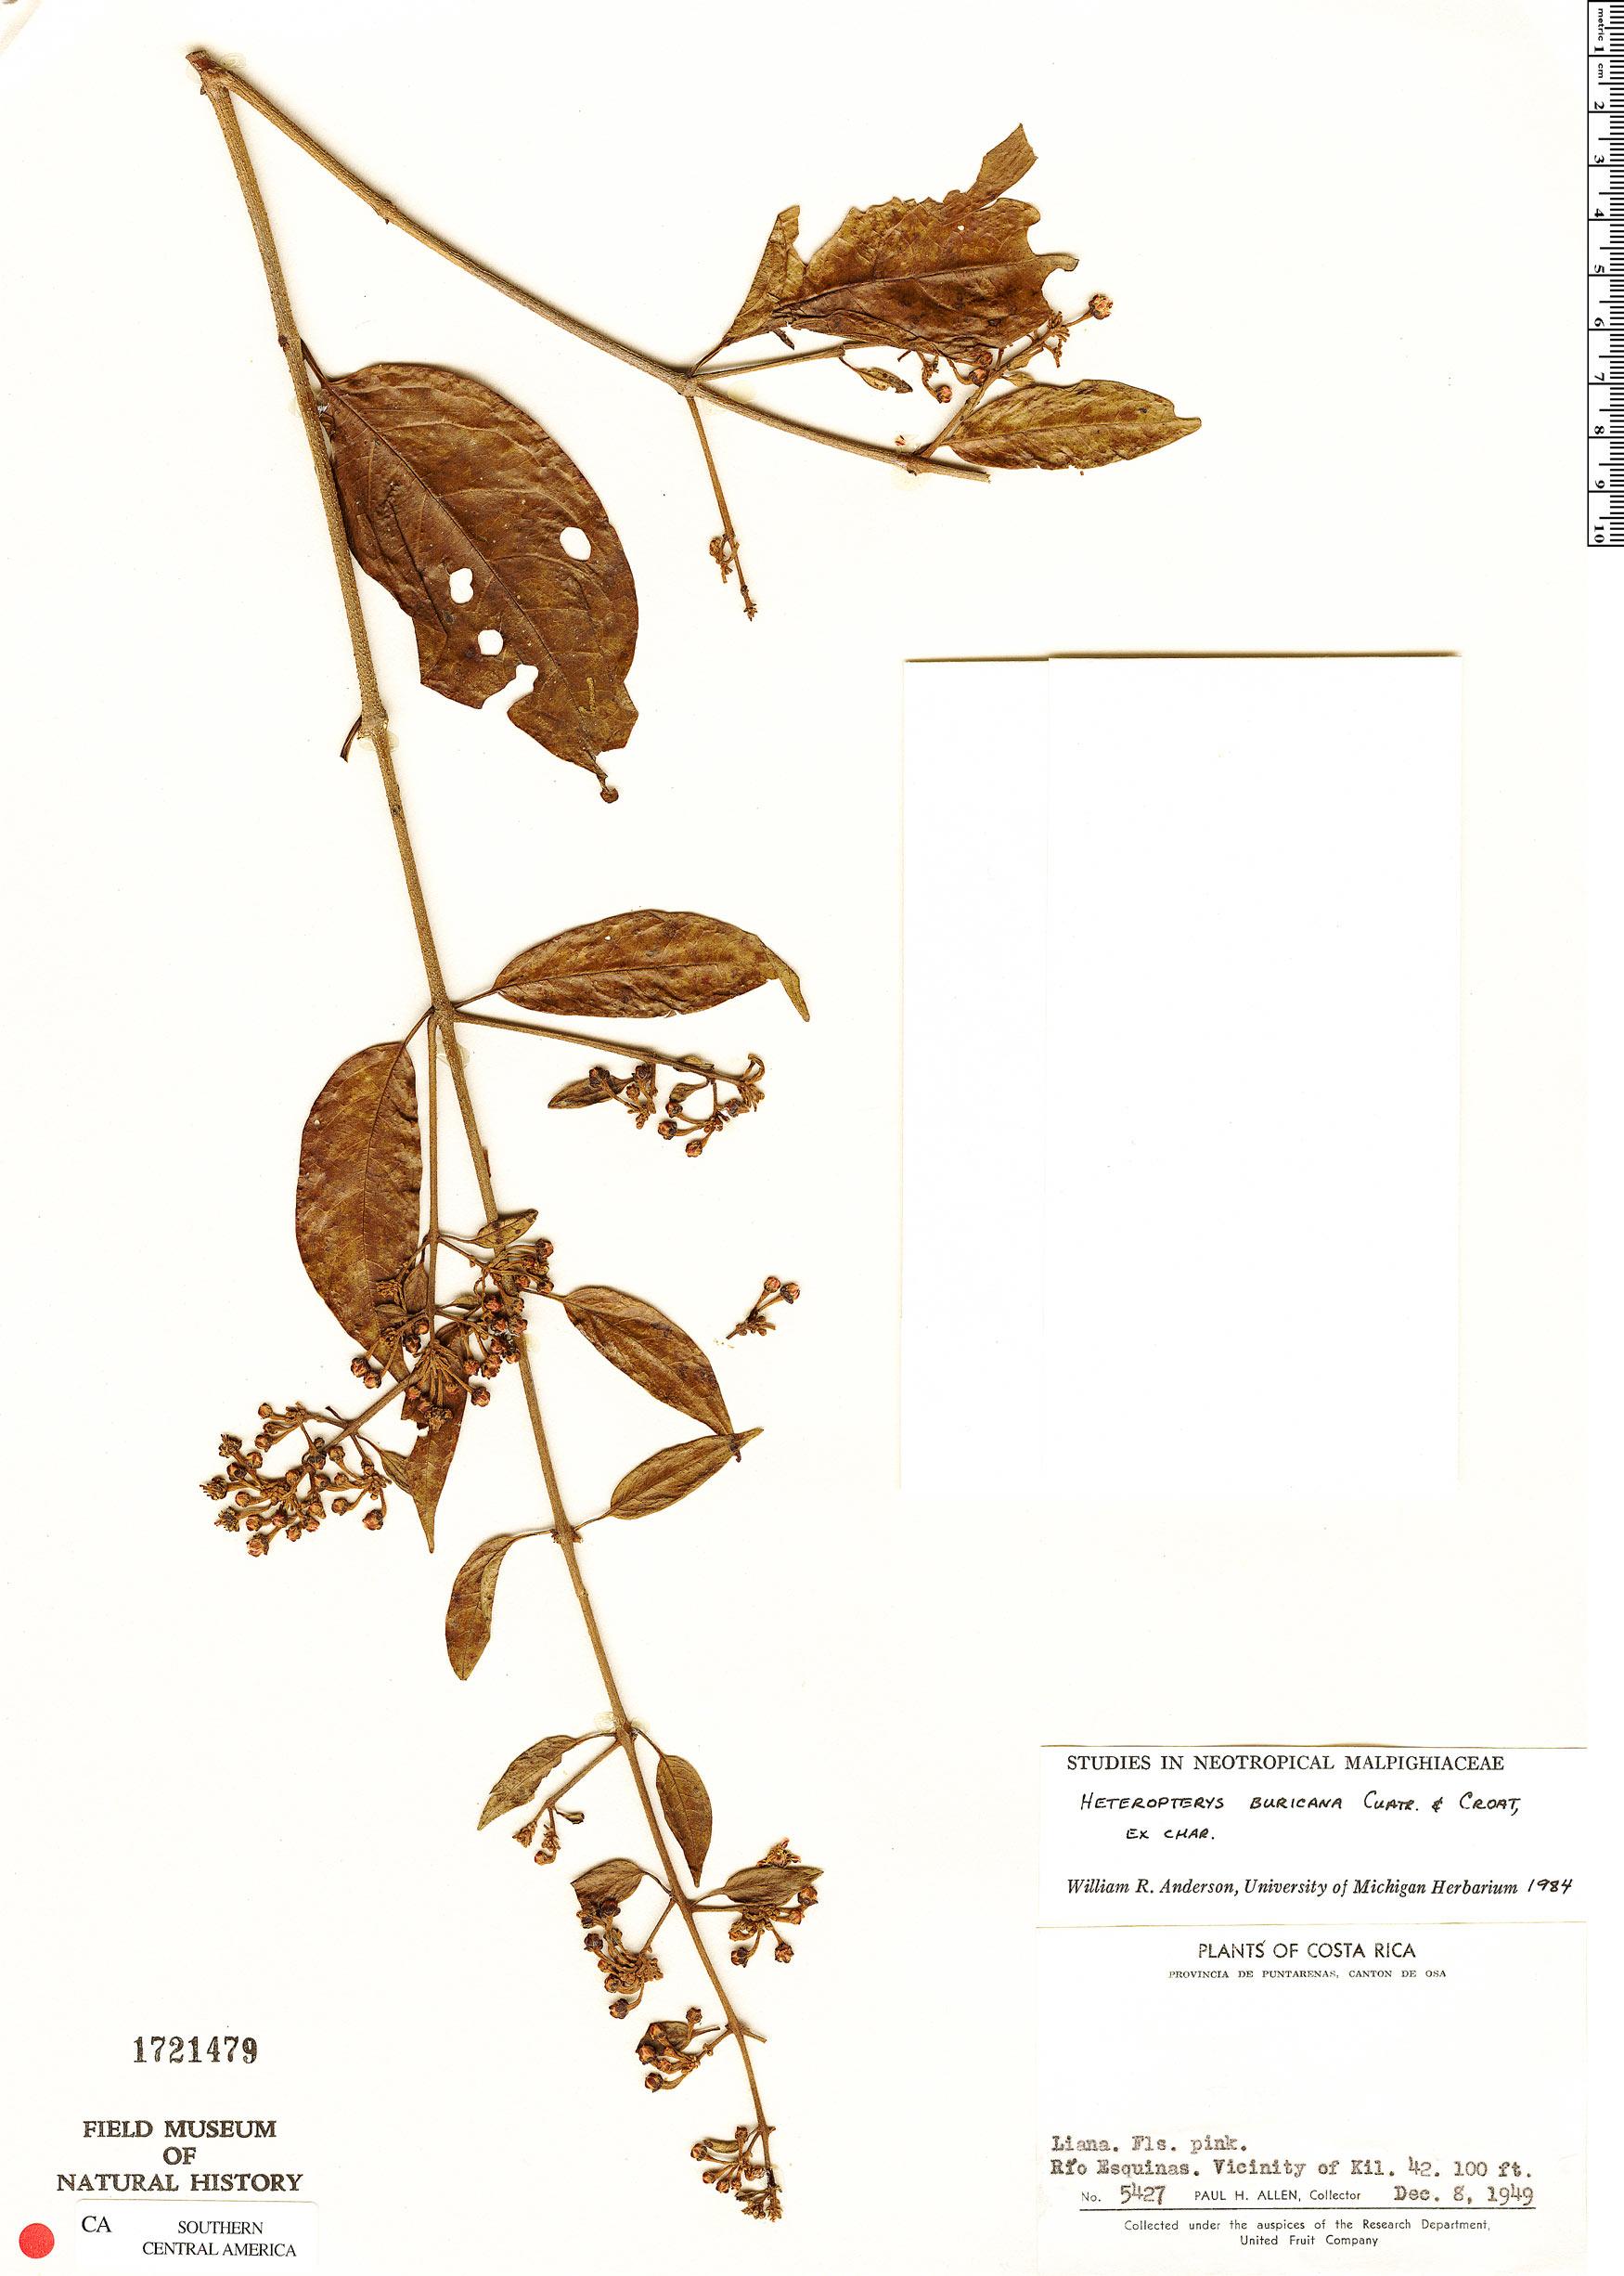 Specimen: Heteropterys buricana